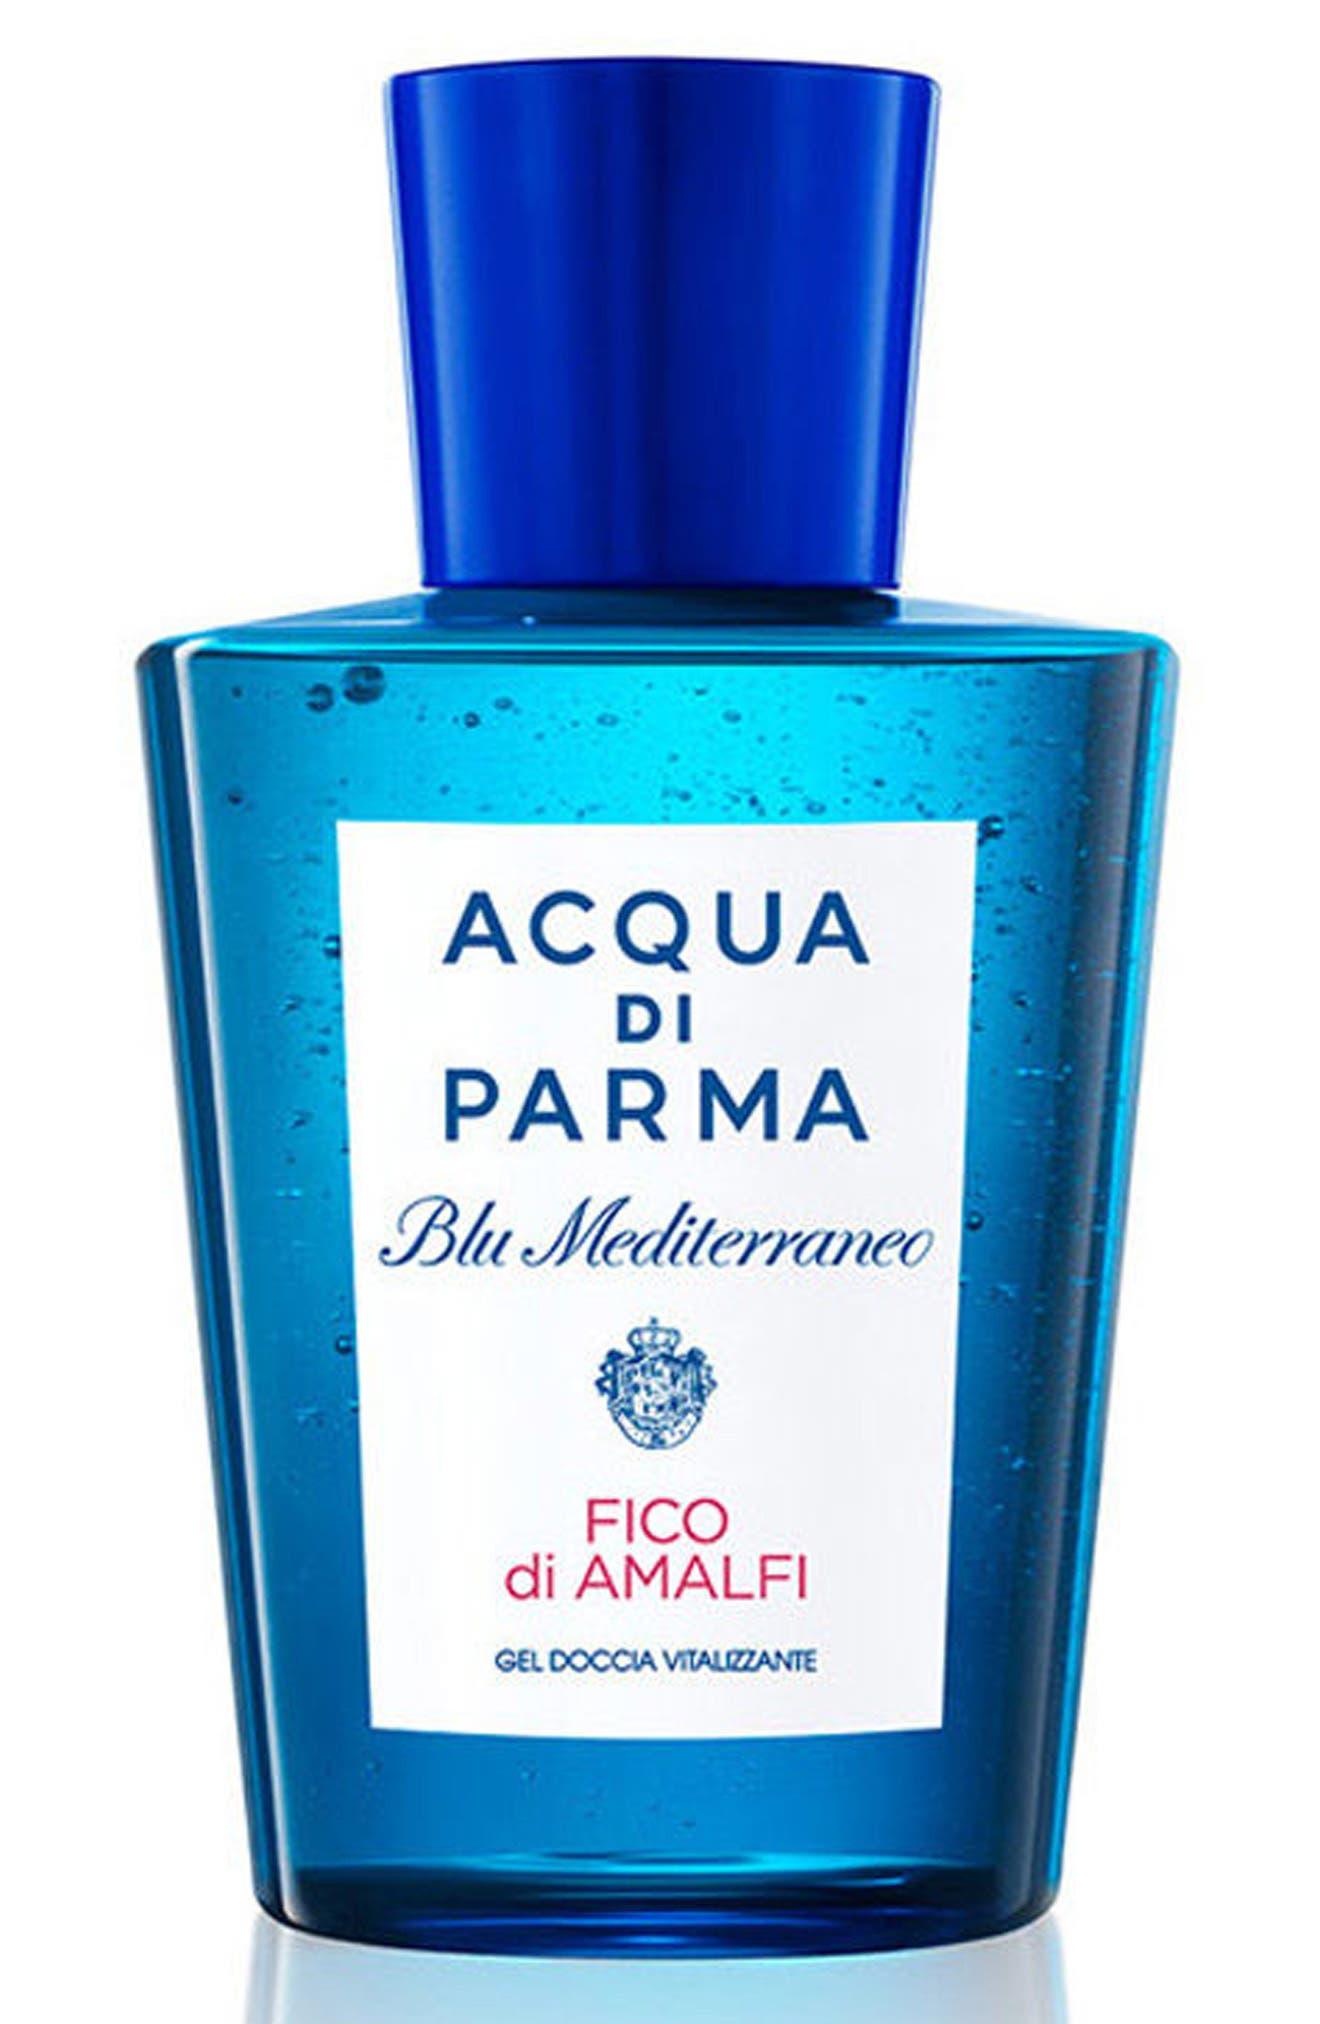 Acqua di Parma 'Blu Mediterraneo - Fico di Amalfi' Shower Gel